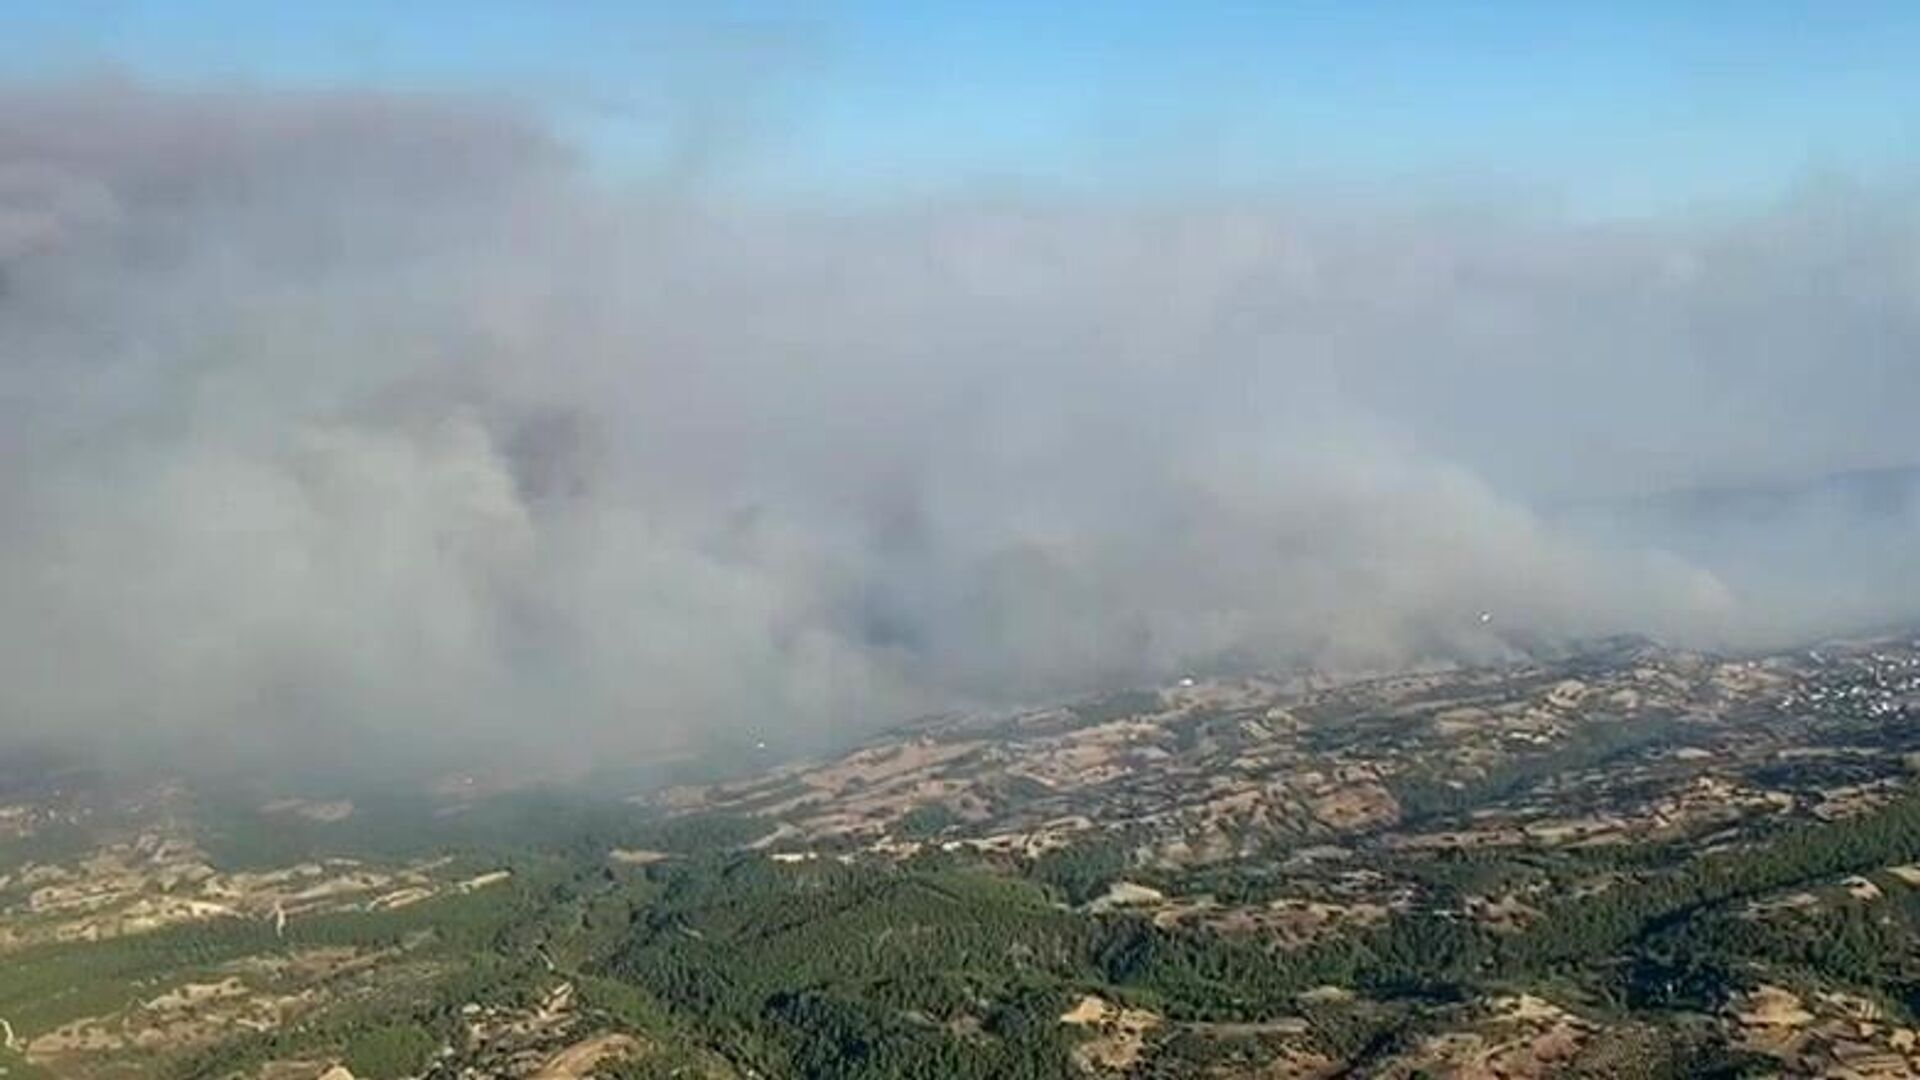 Дым от лесных пожаров в Турции - РИА Новости, 1920, 01.08.2021